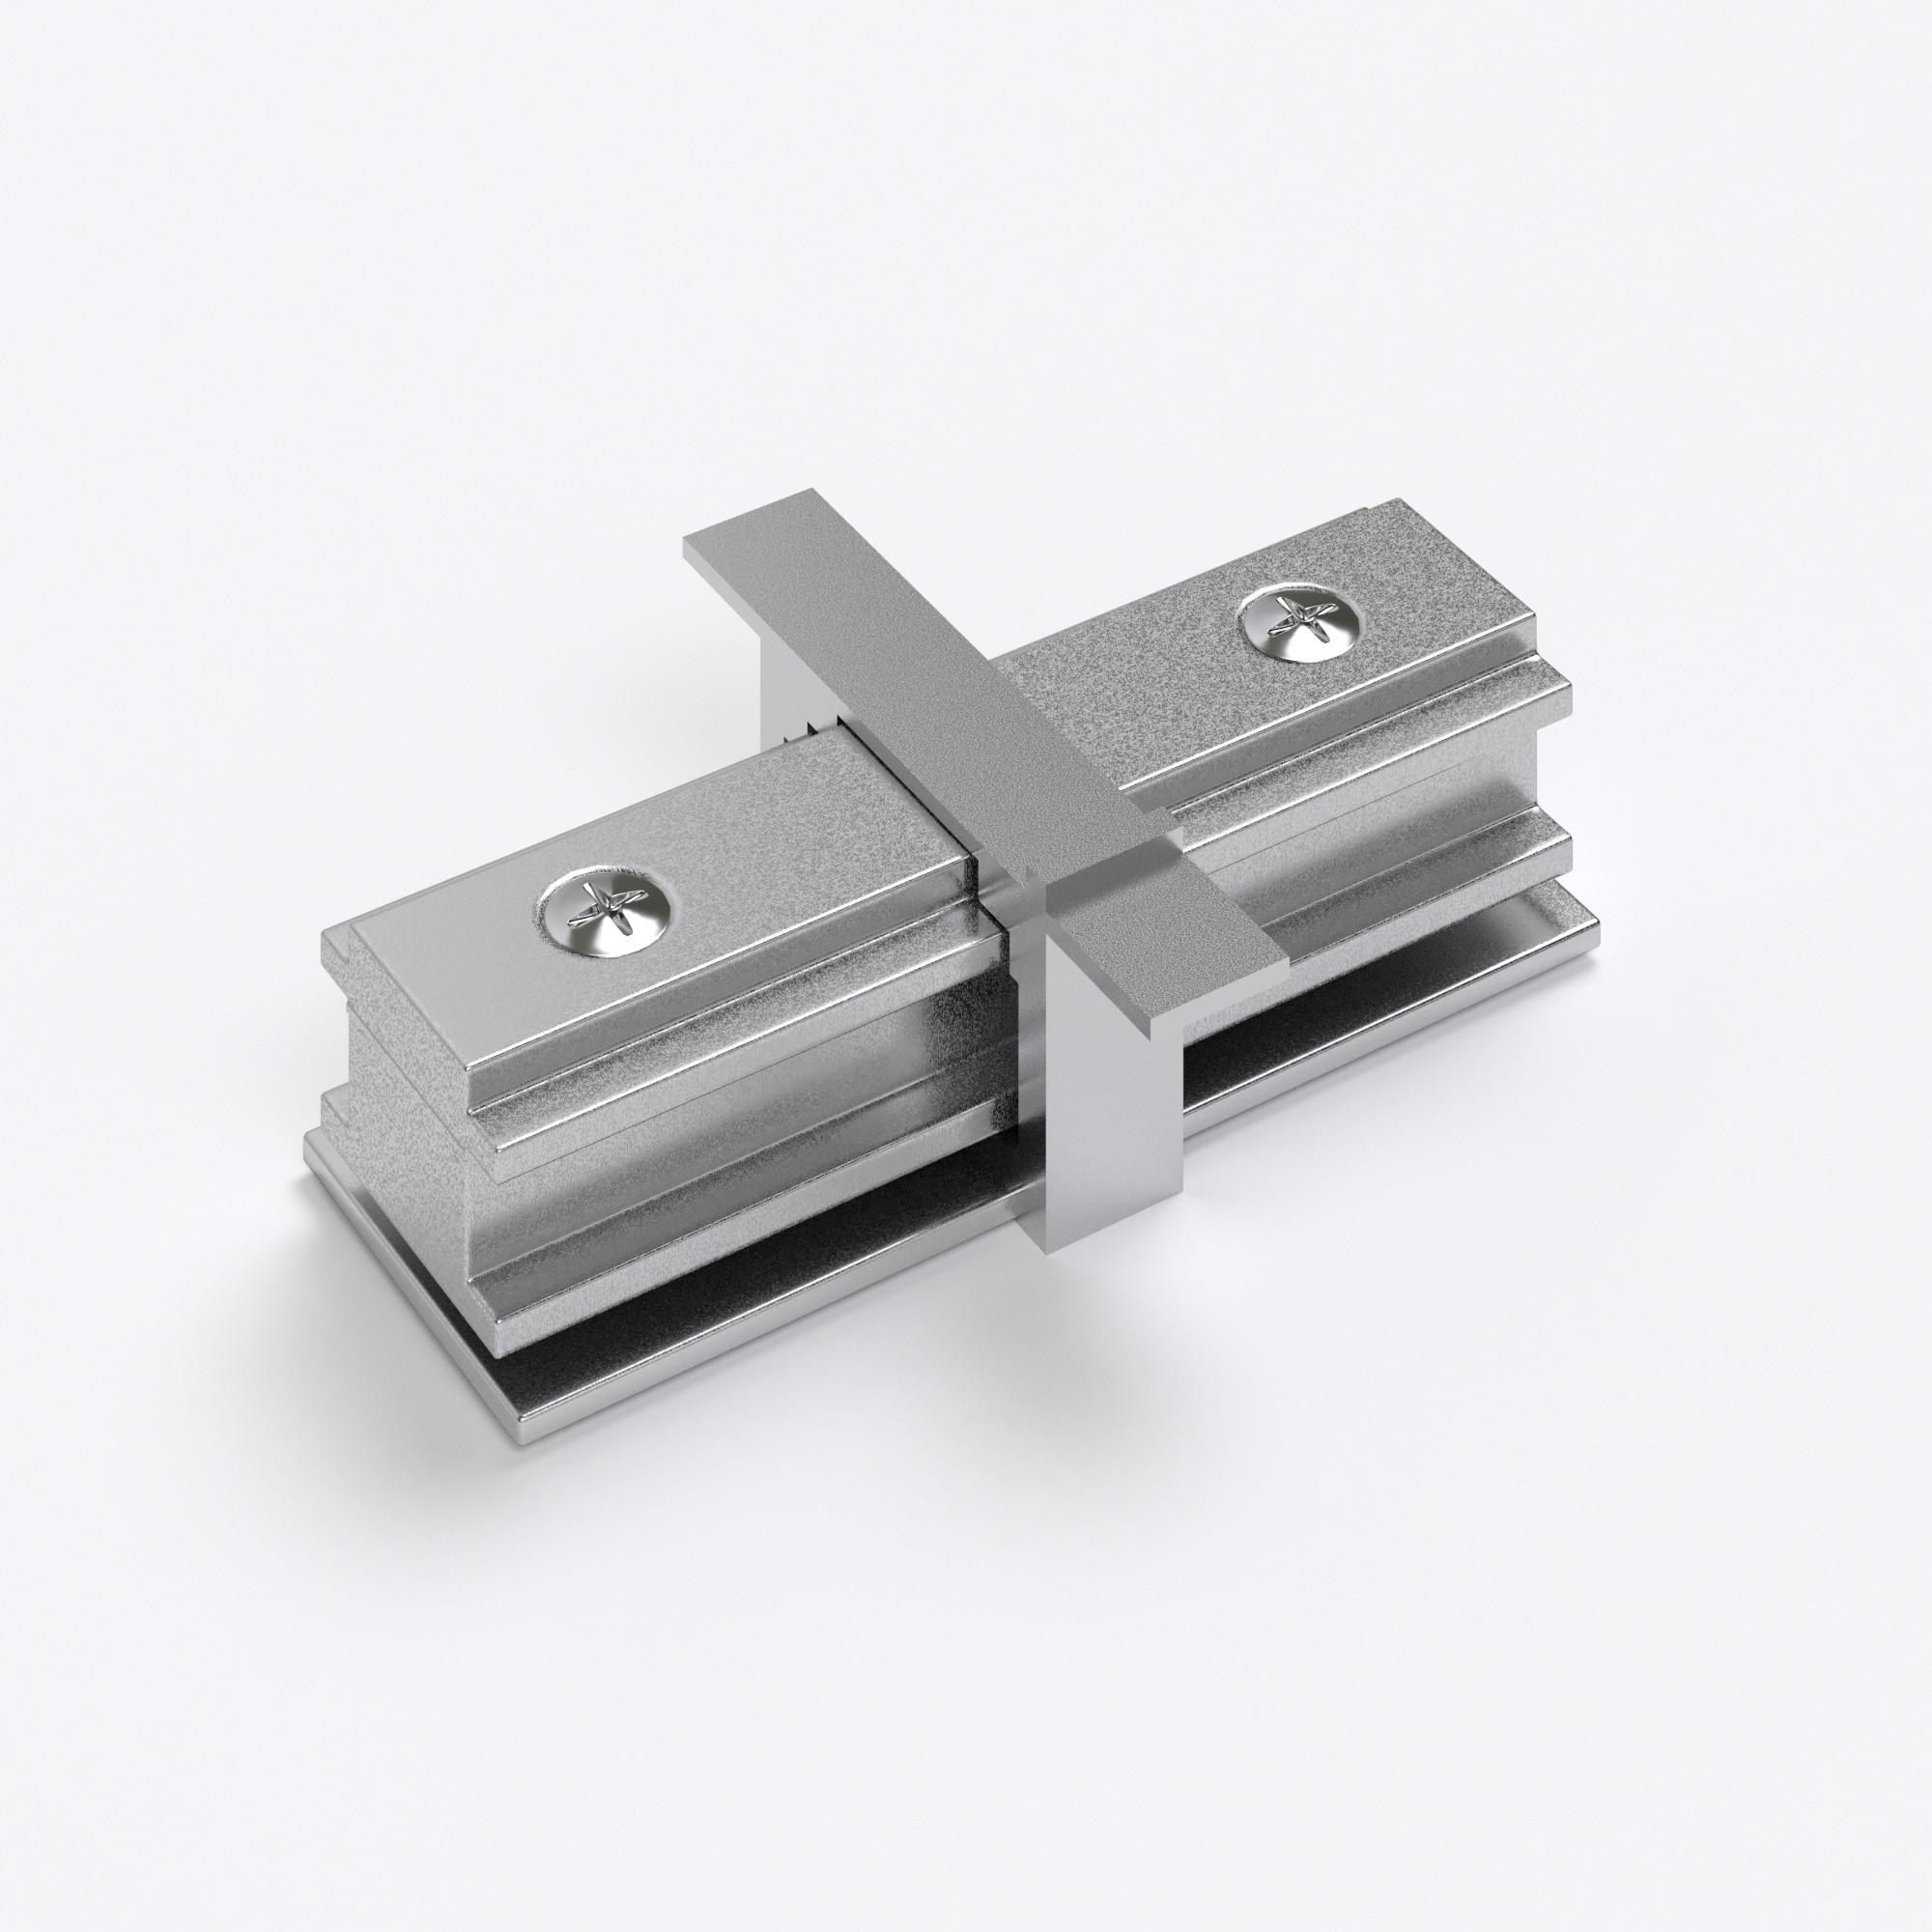 TRCM-1-I-CH/ Коннектор прямой для однофазного встраиваемого шинопровода (серебристый)